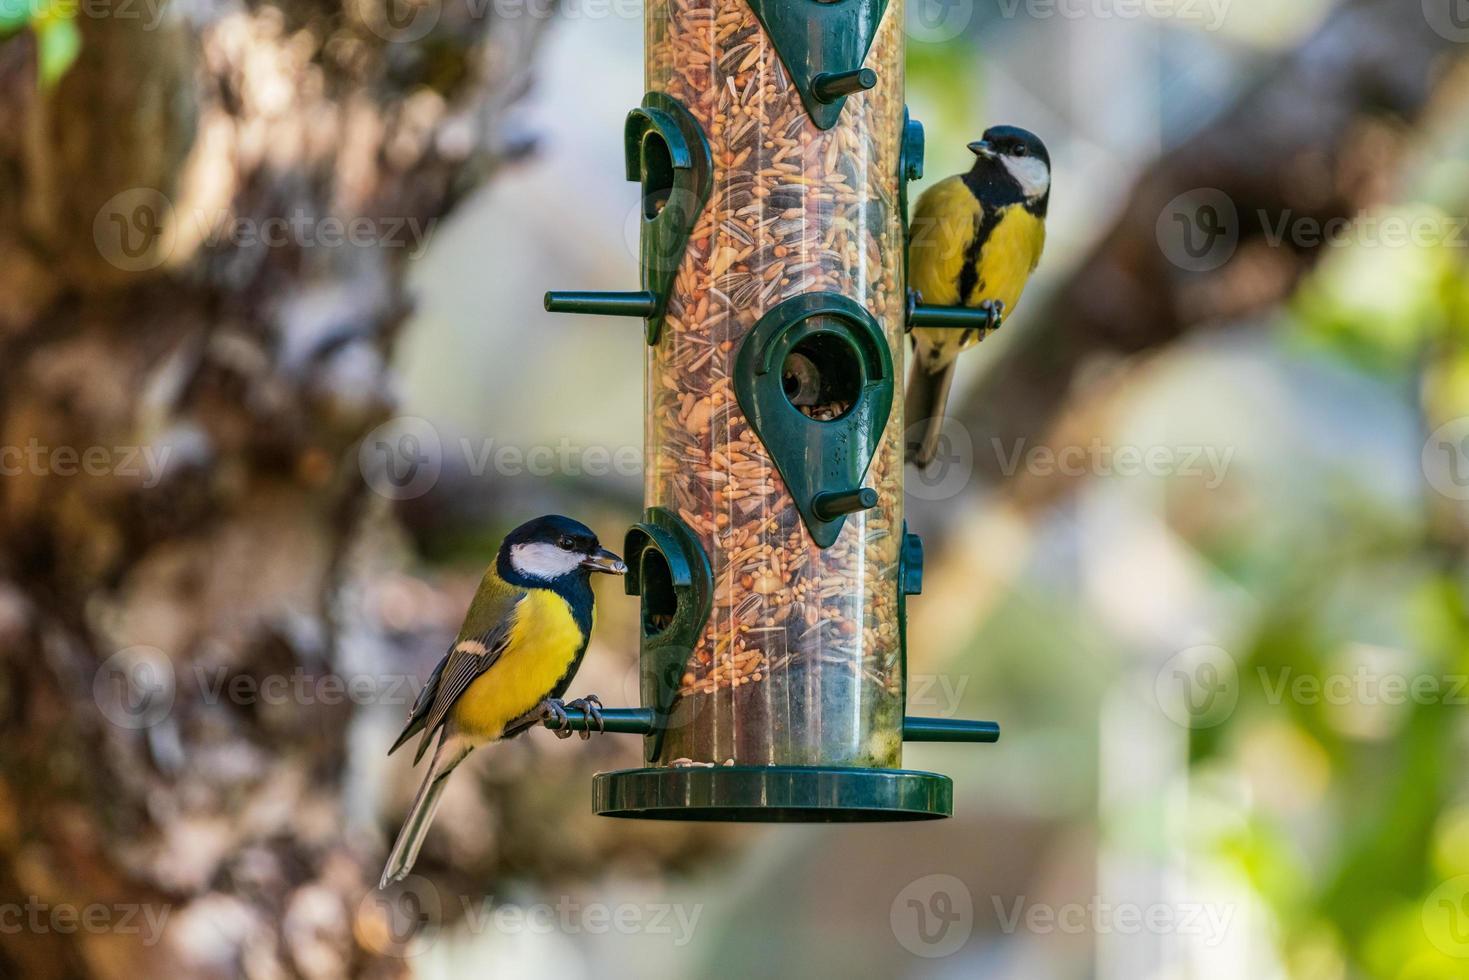 par fågelfåglar som äter från en fågelmatare foto